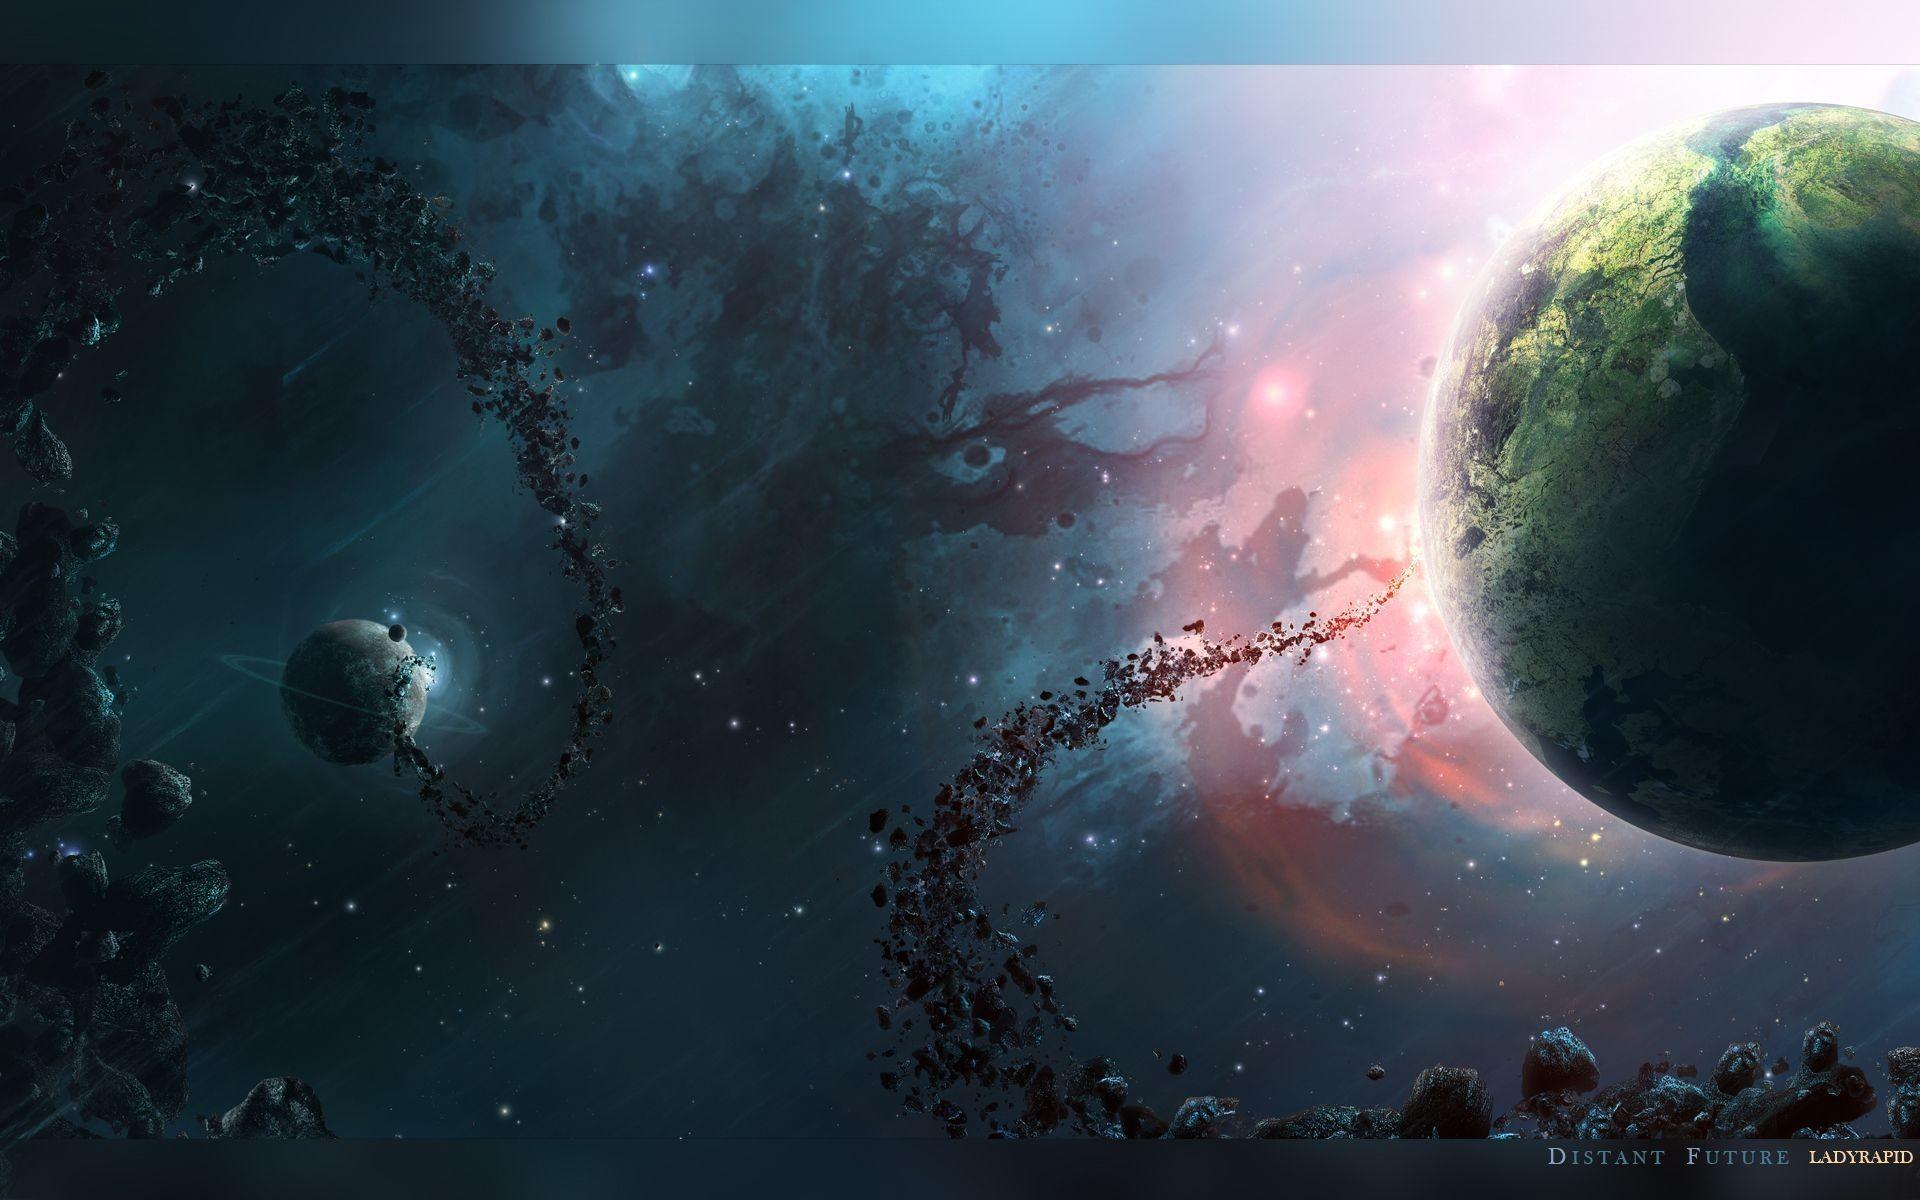 Nebula Universe Wallpapers